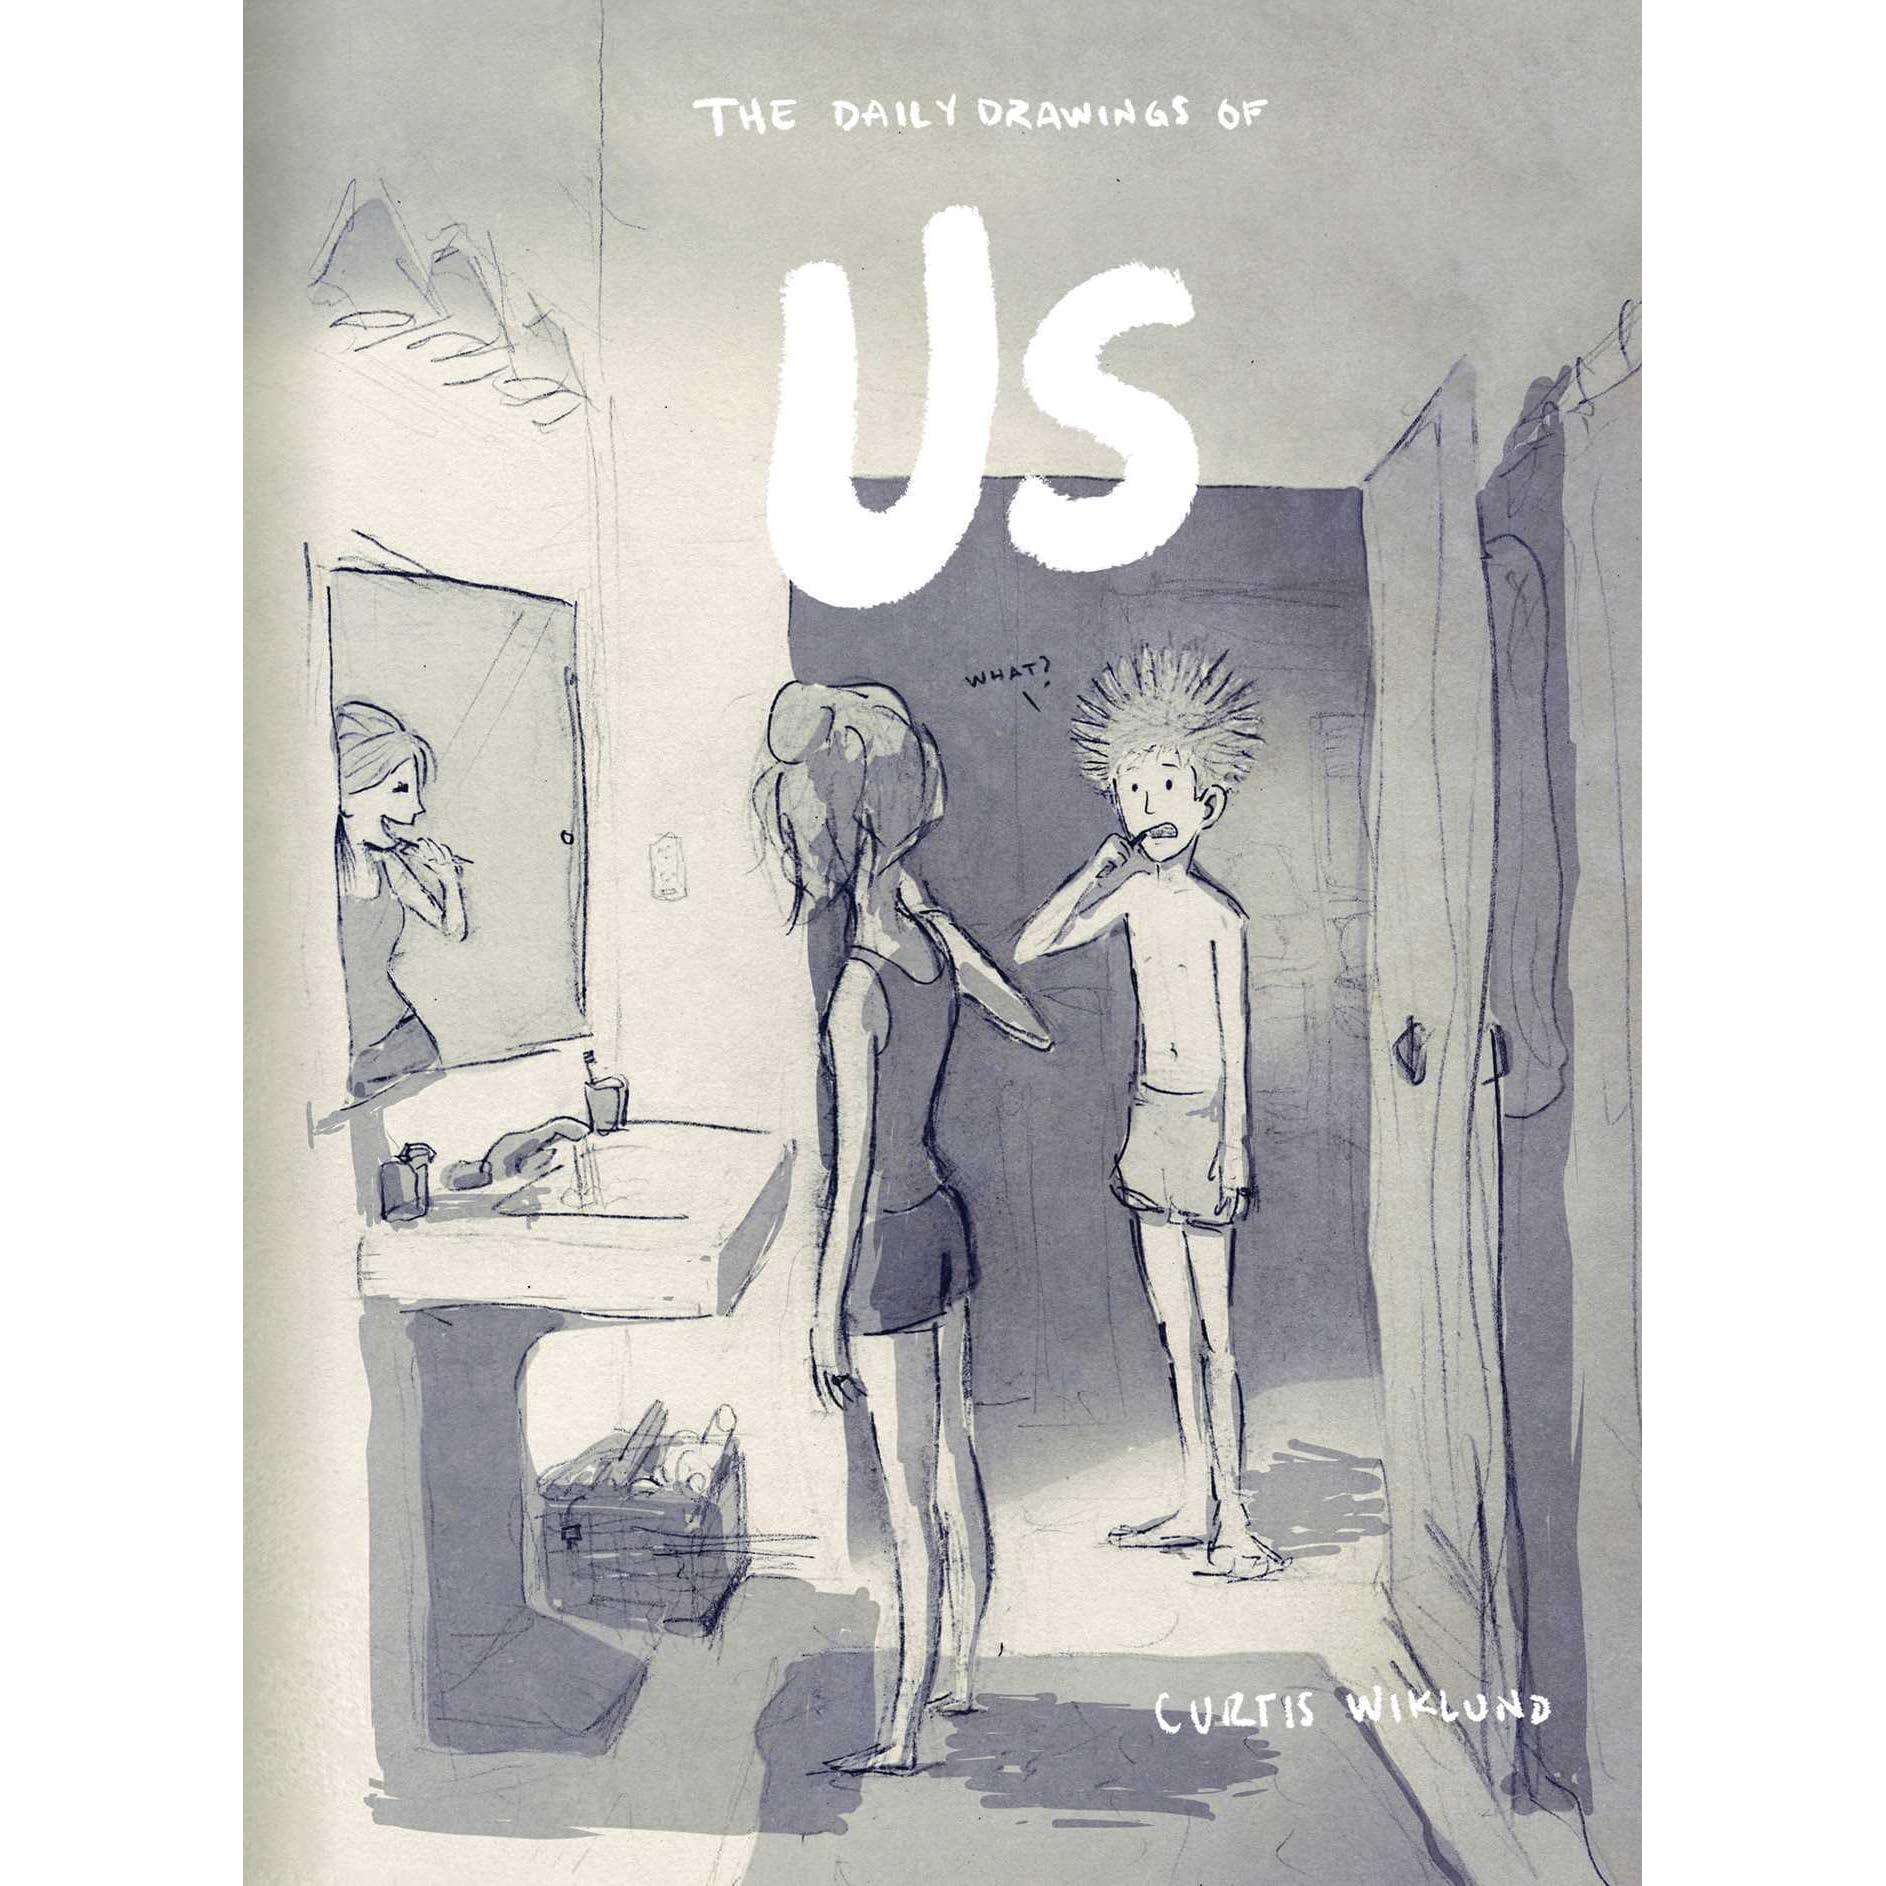 Us by Curtis Wiklund